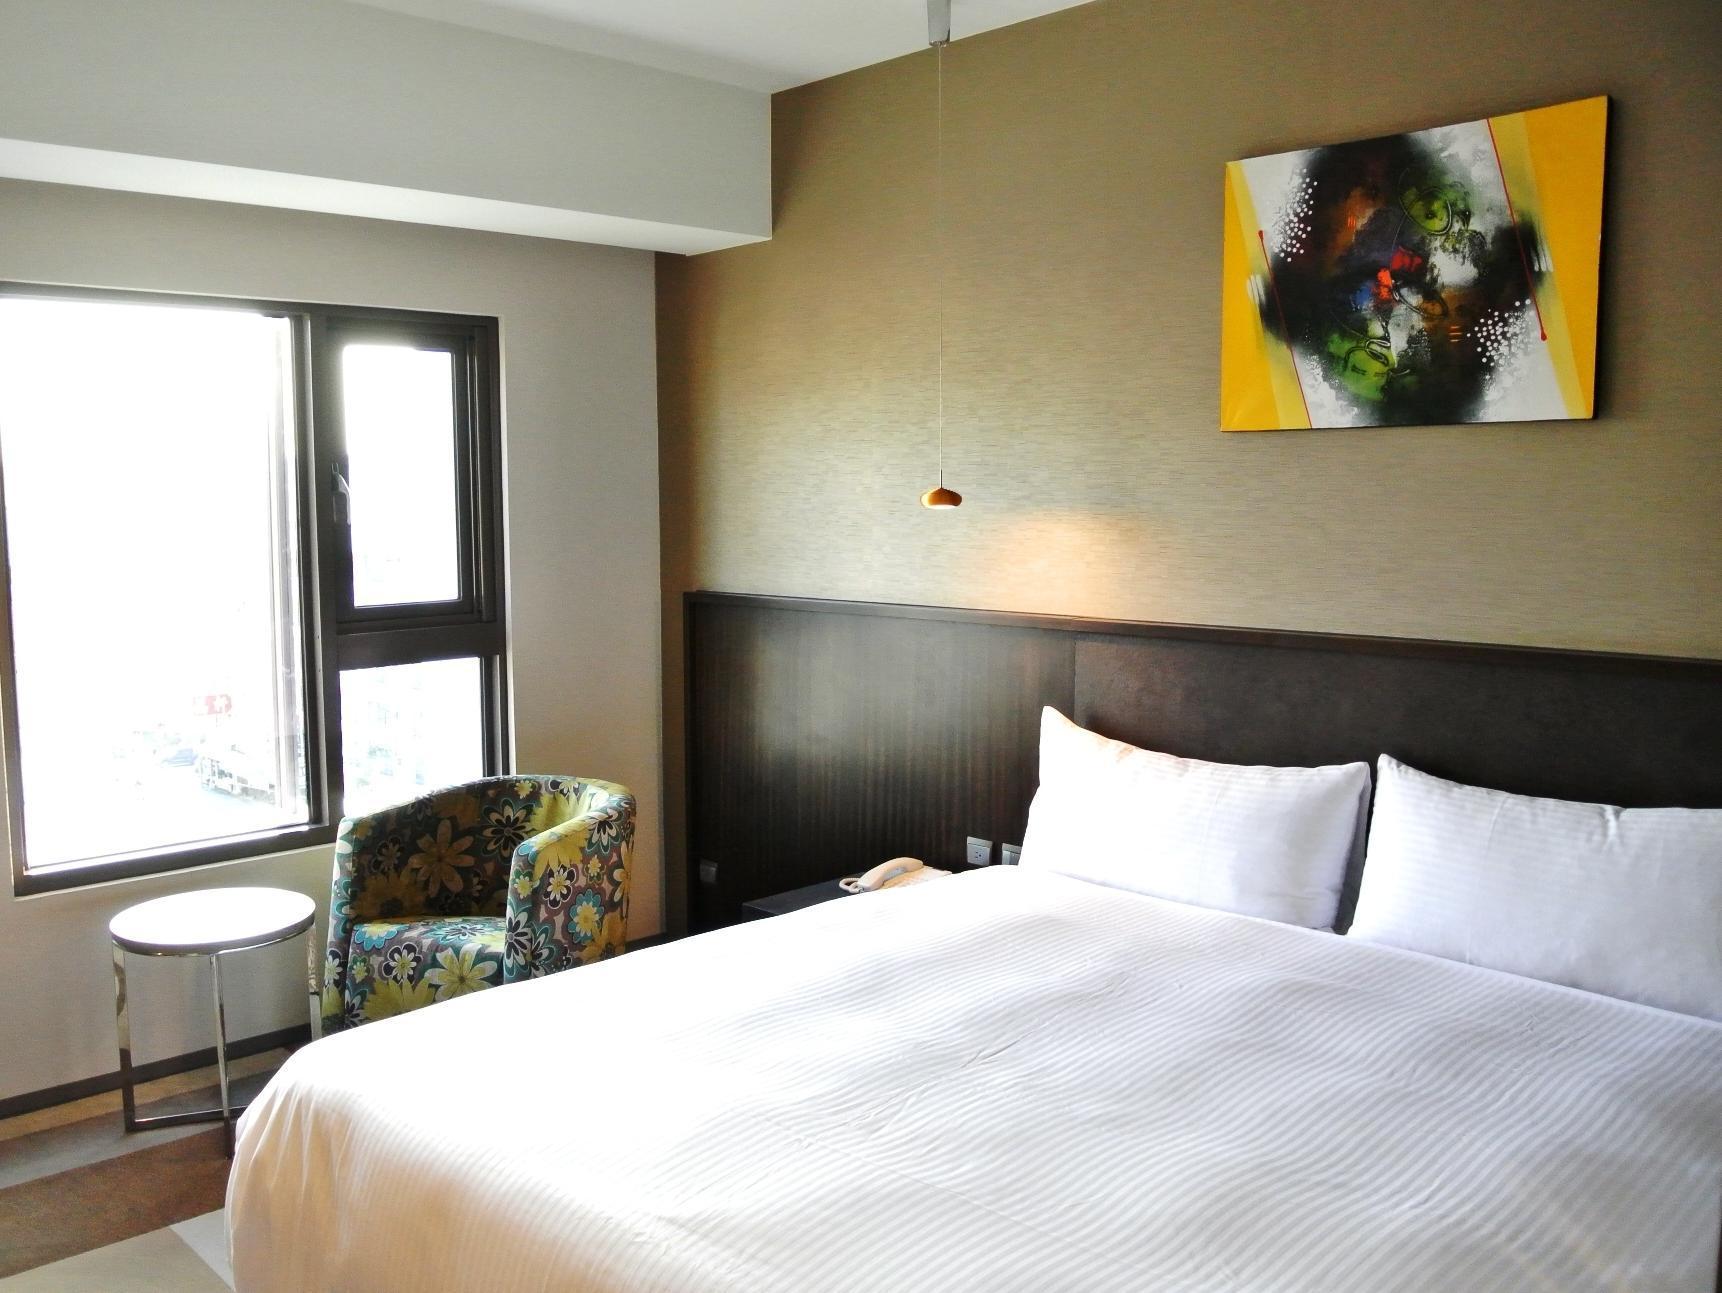 臺中市臺中逢甲星享道酒店 (Taichung Fengjia In Sky Hotel)線上訂房|Agoda.com